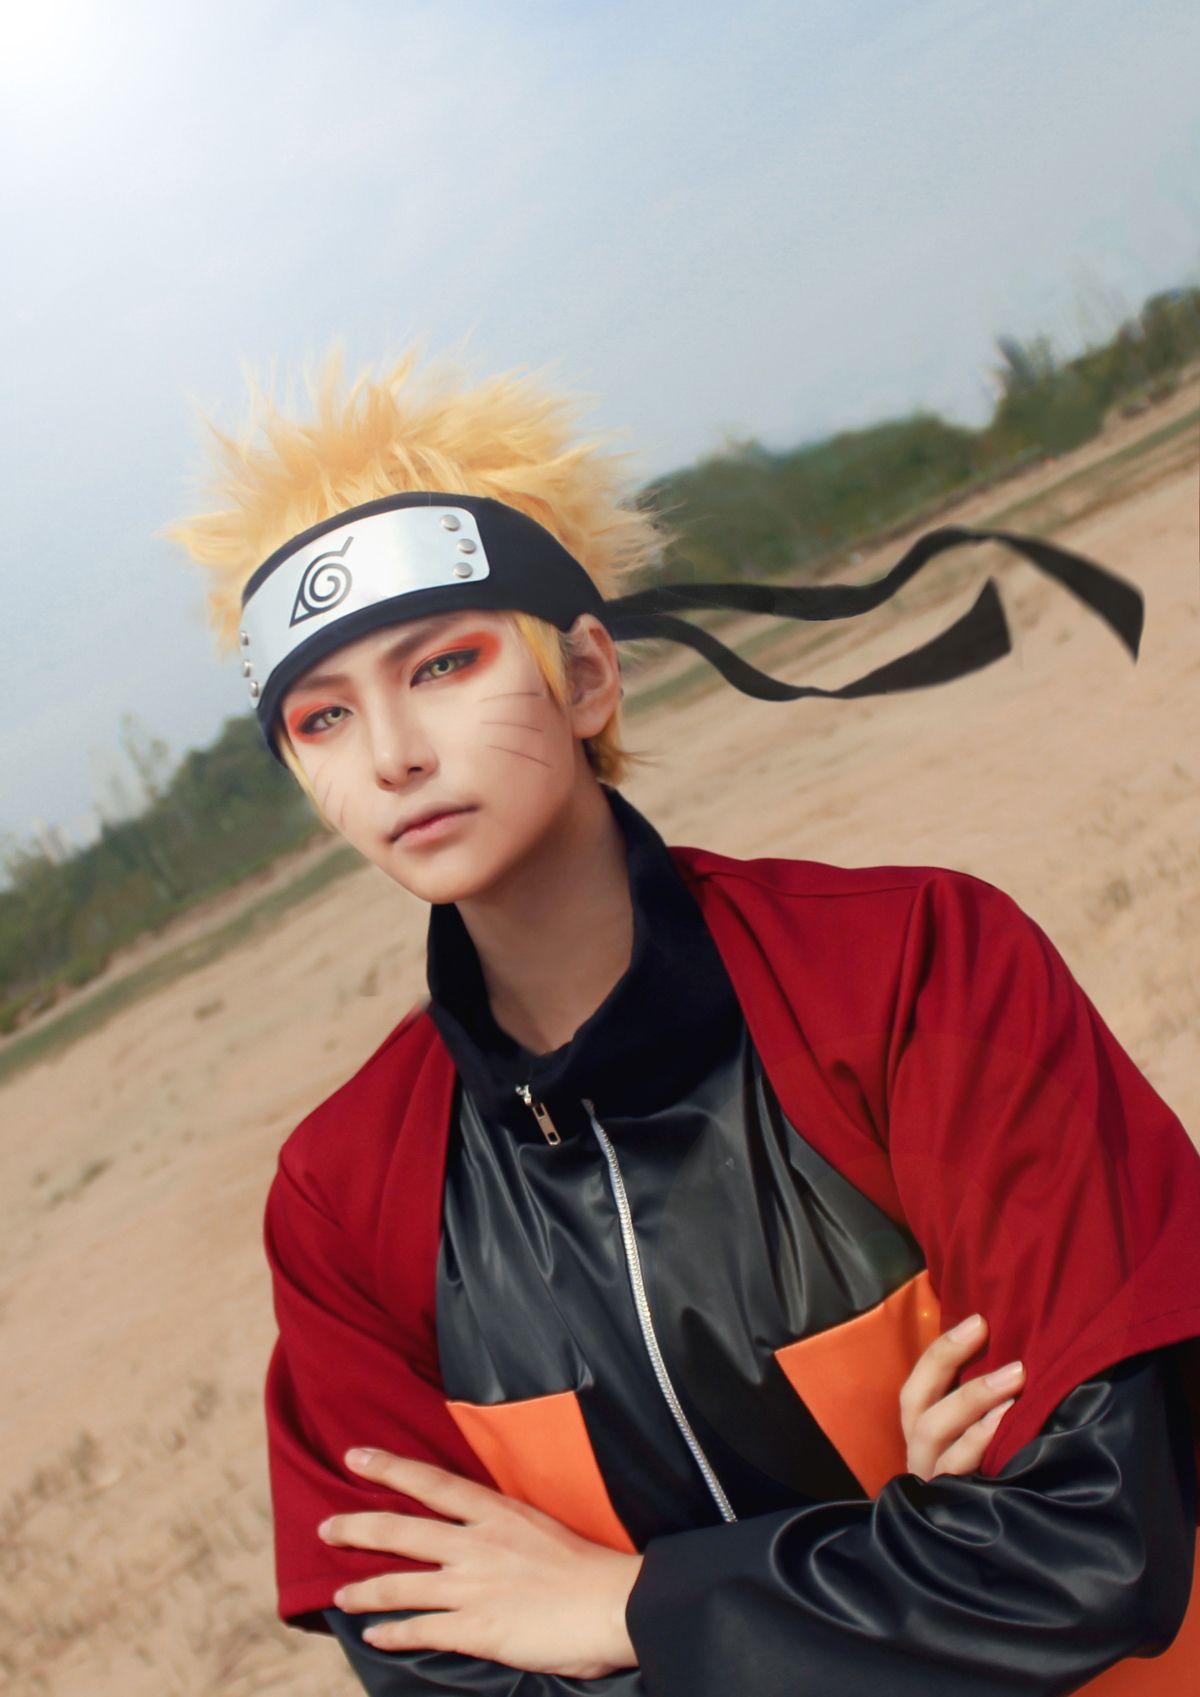 Naruto Shippuden Seunghyo Syo Naruto Uzumaki Cosplay Photo